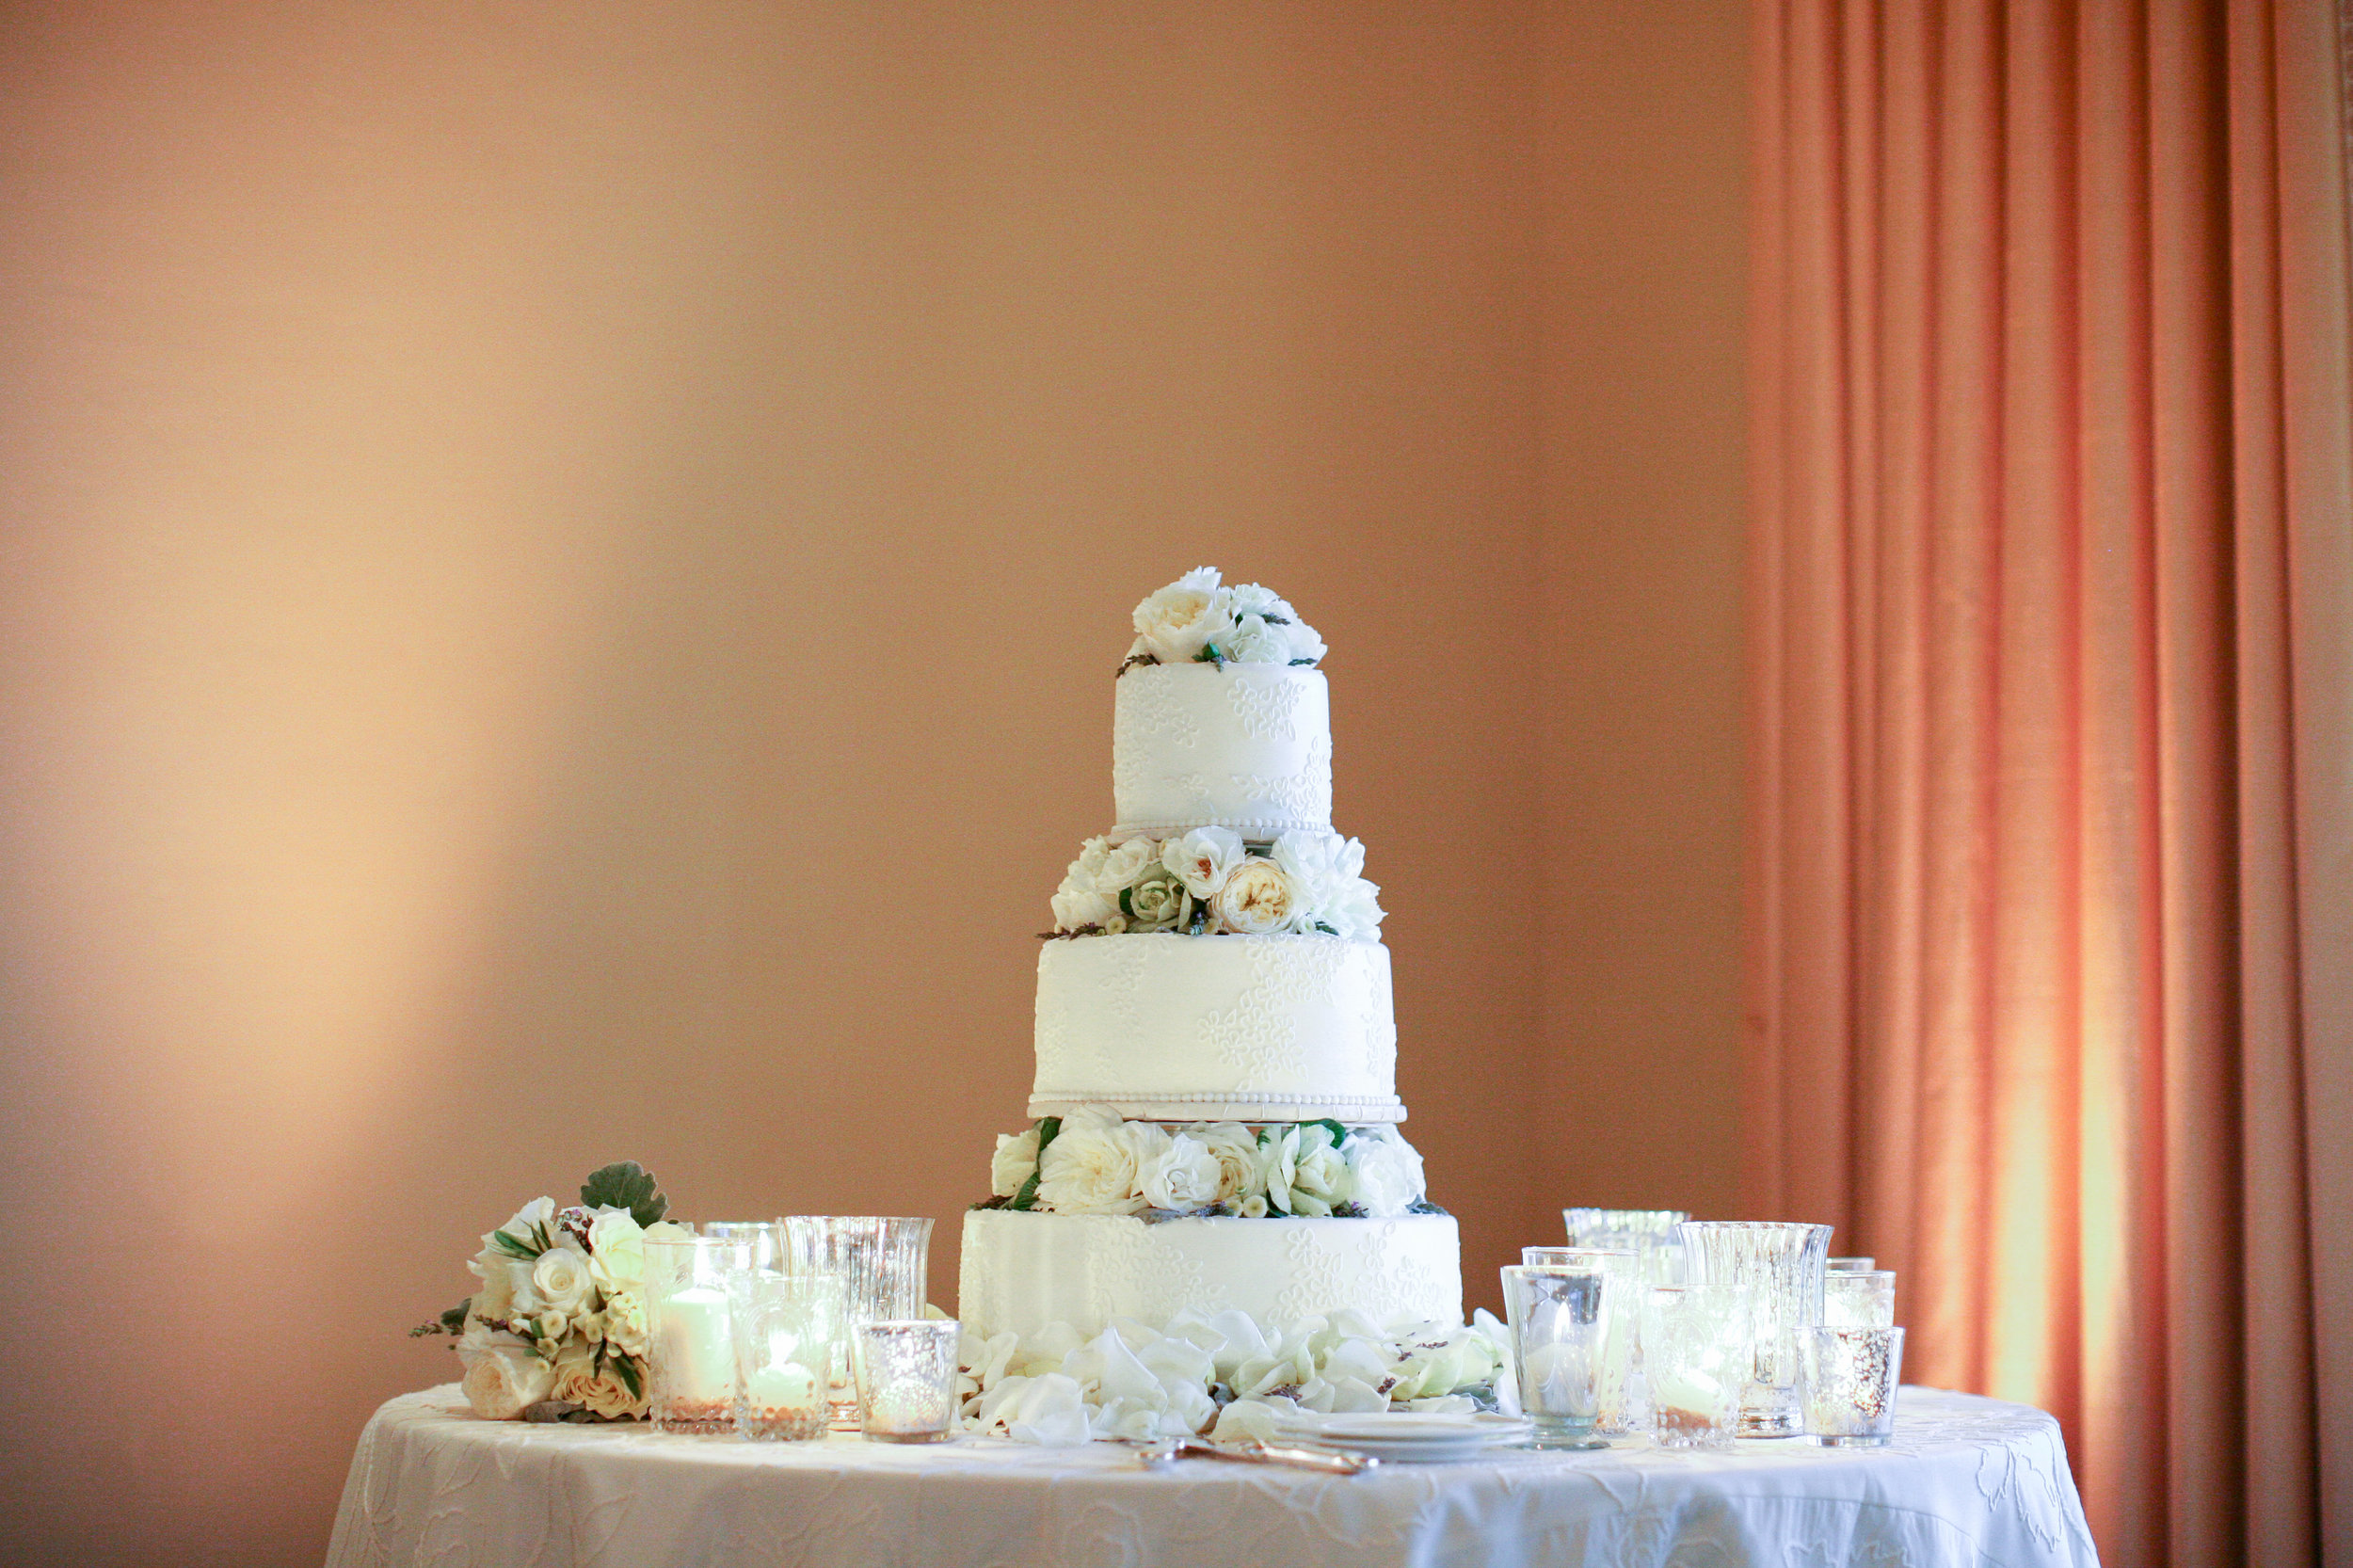 Carma's Wedding for Annette-0170.jpg